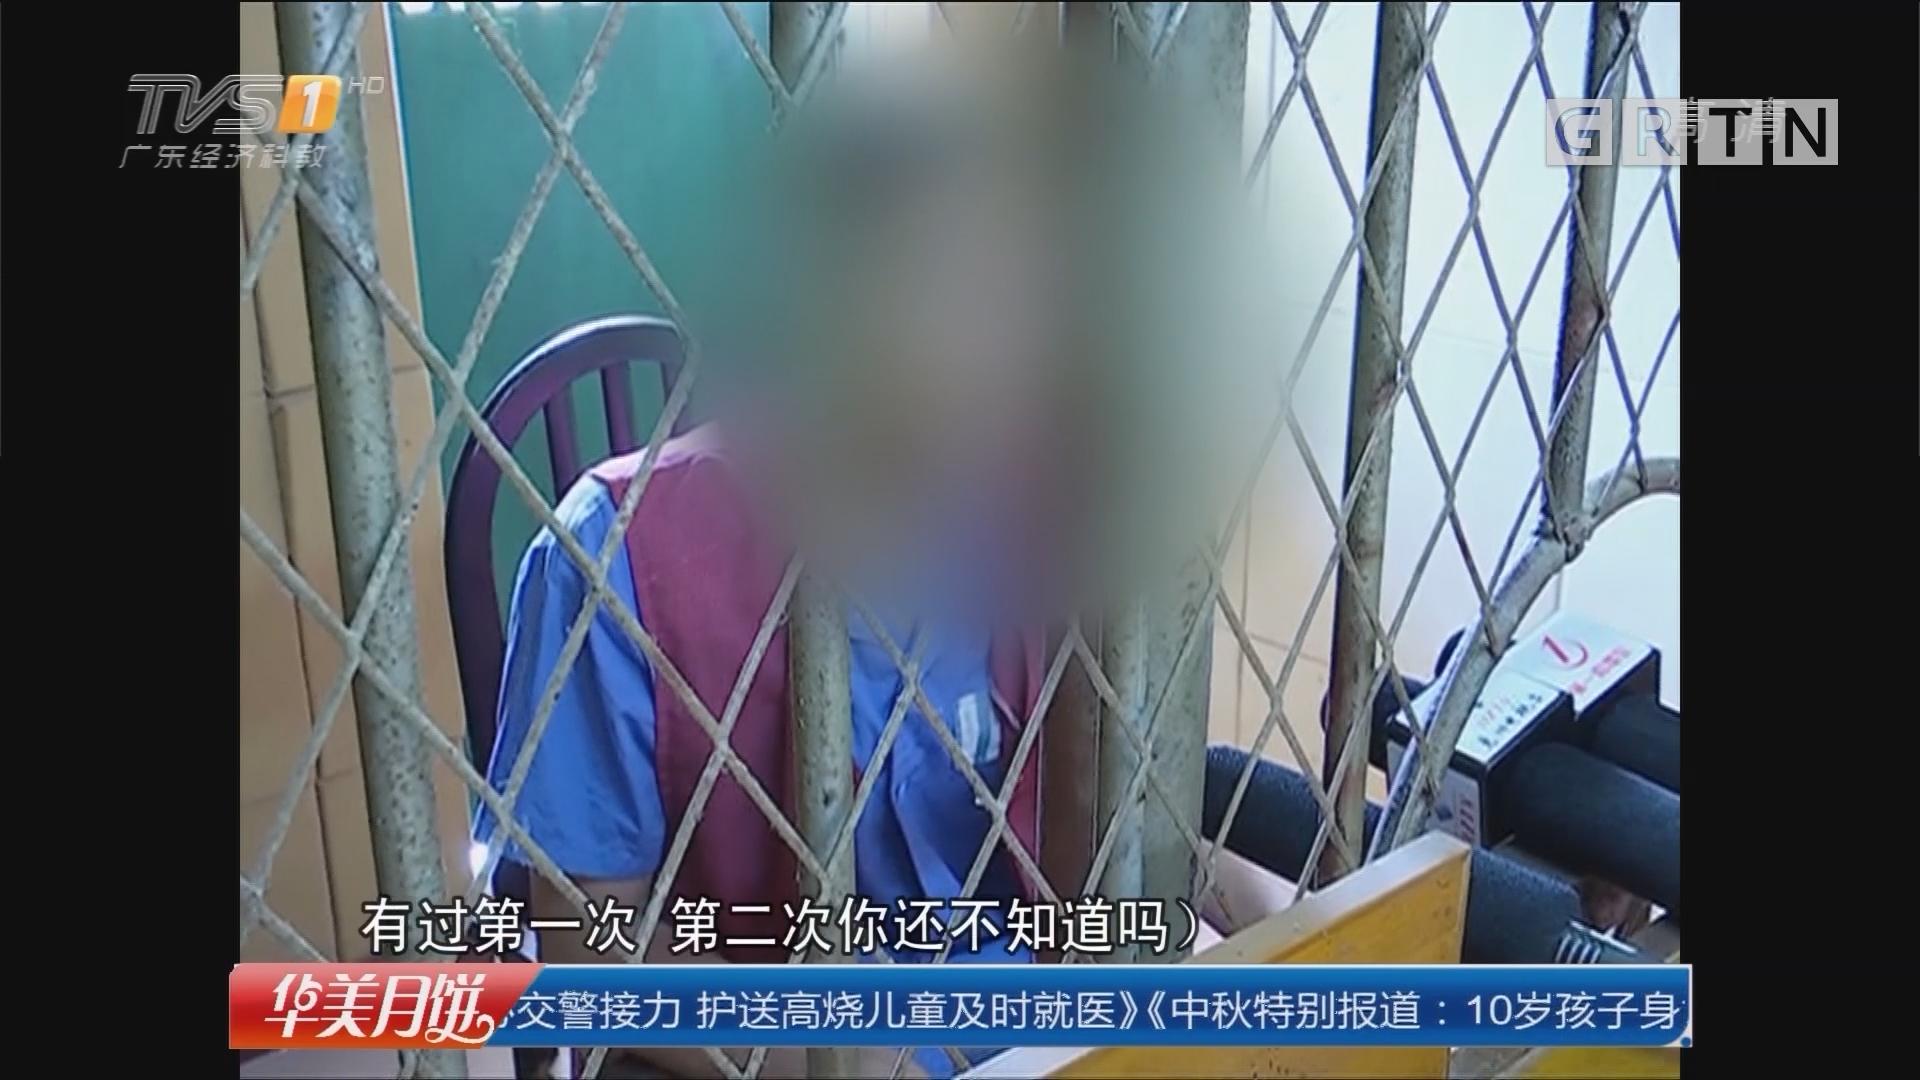 惠州:父亲唆使女童碰瓷 被判刑一年多